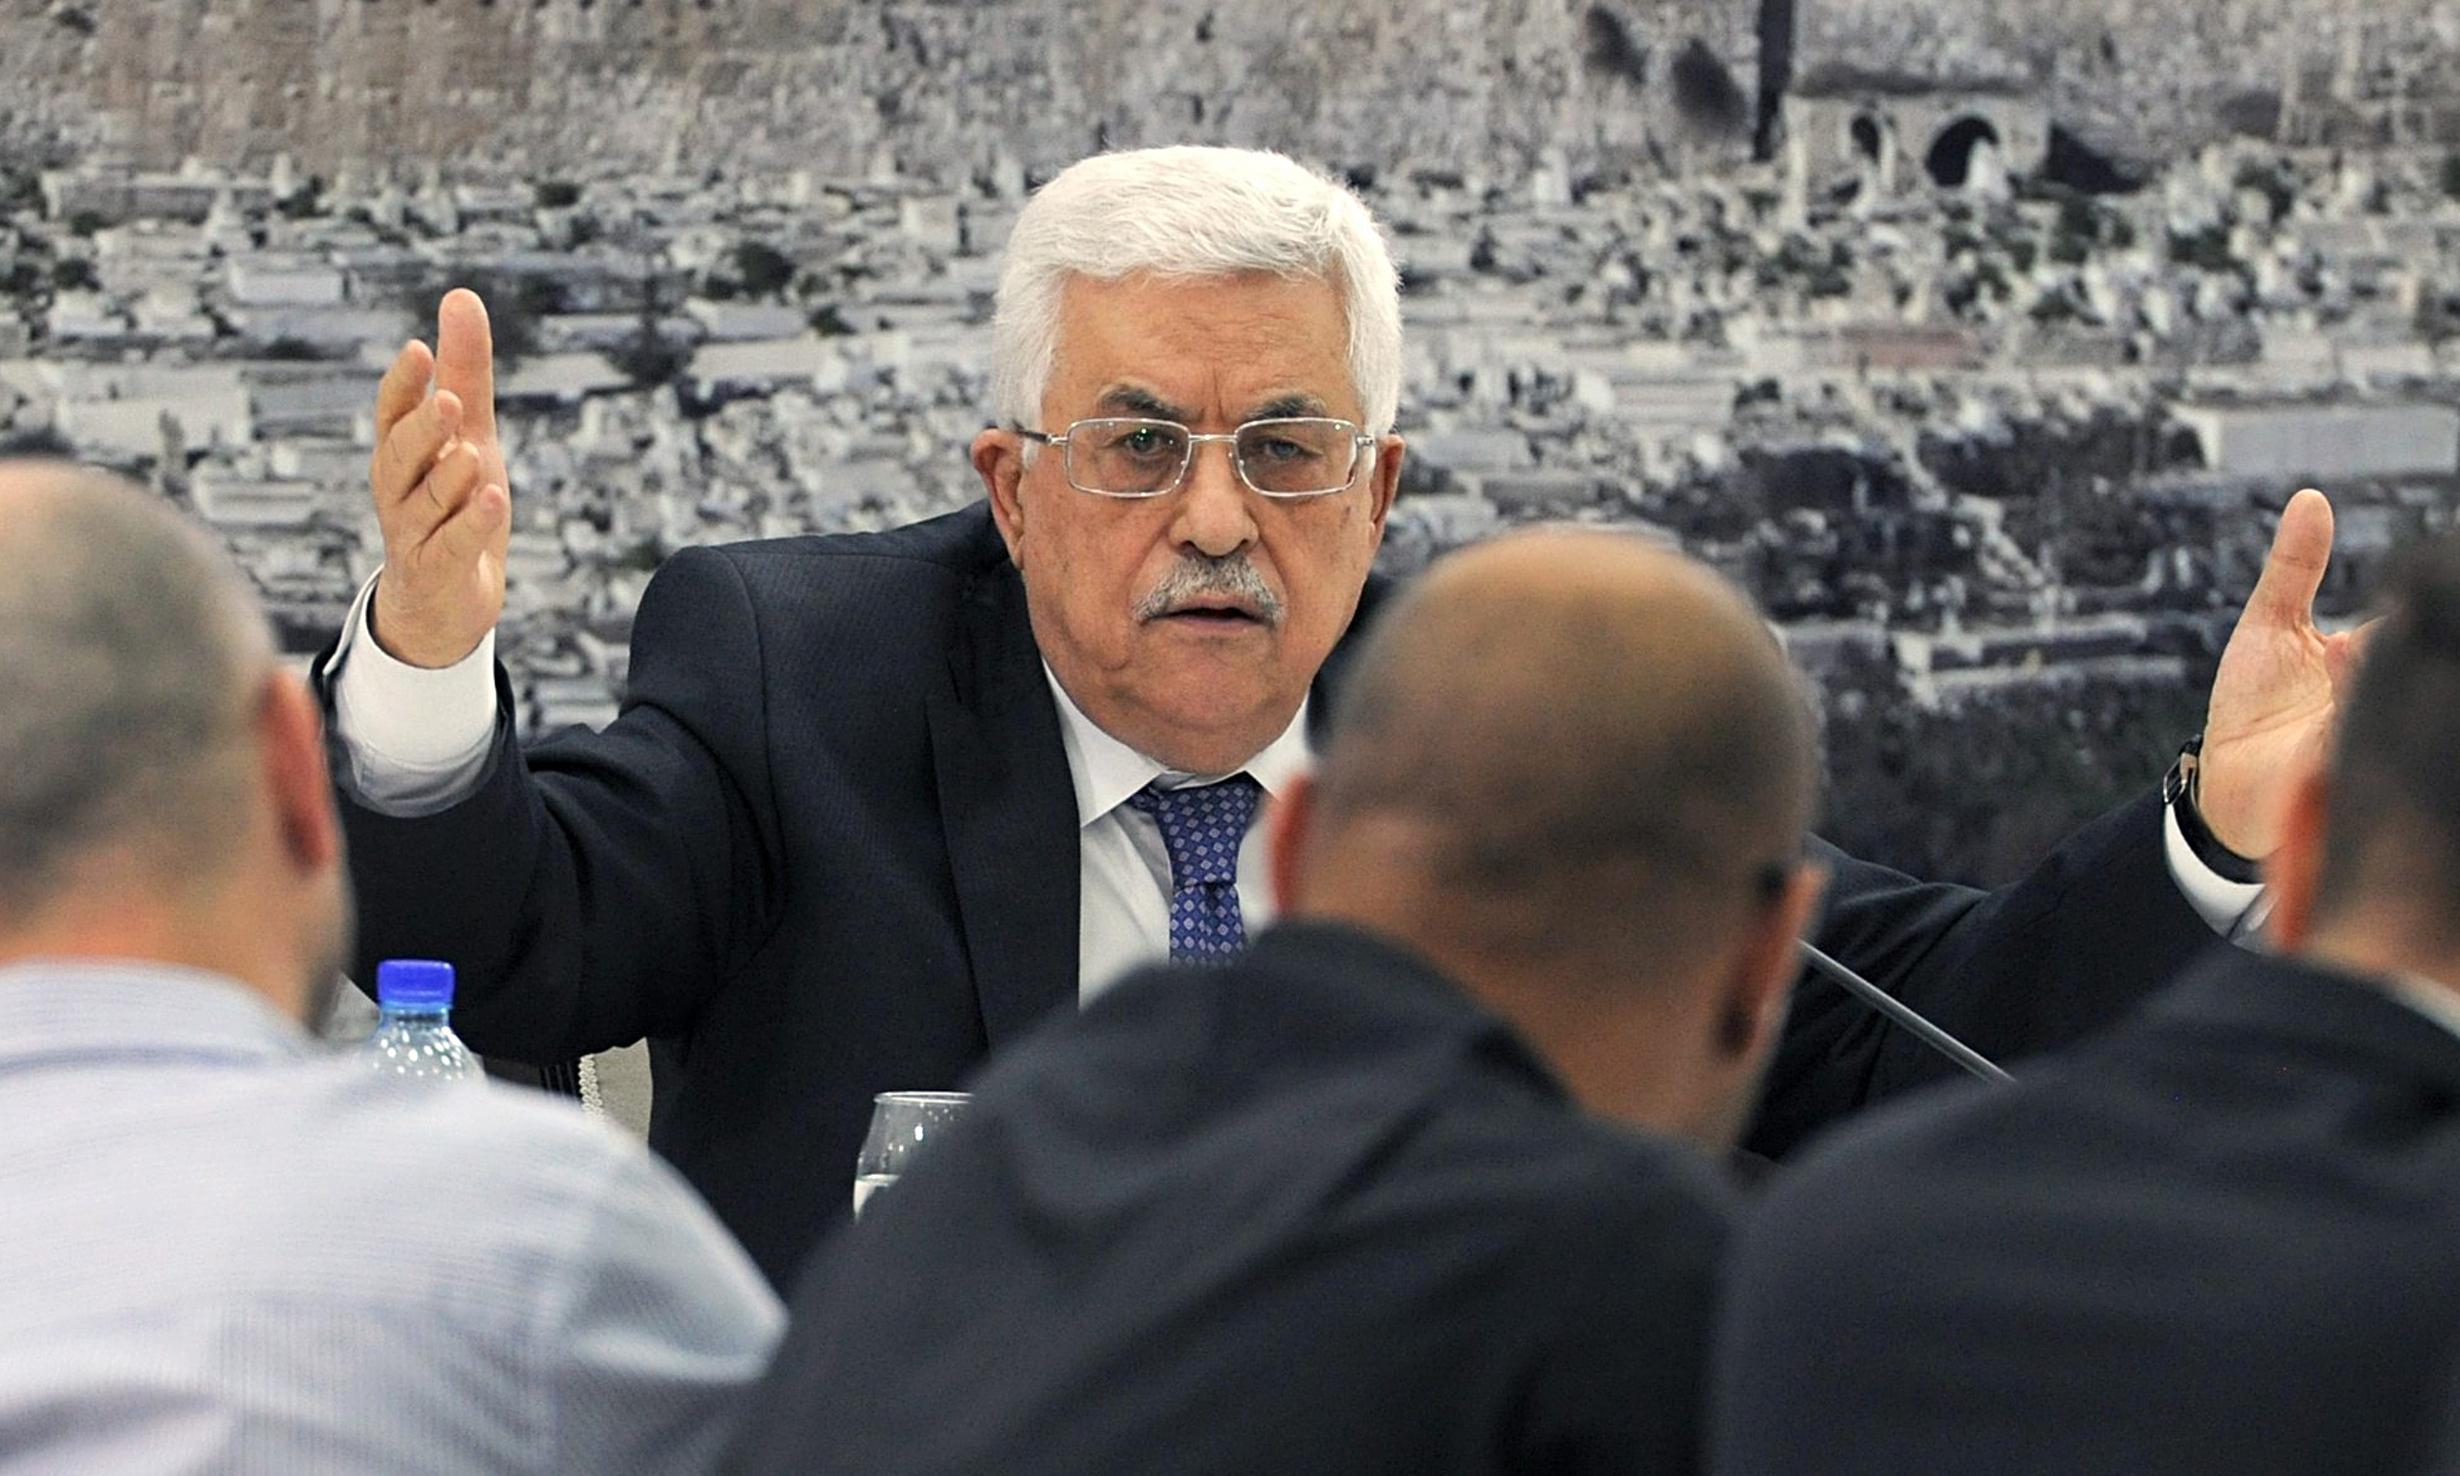 السلطة الفلسطينية: قرار إسرائيل تجميد تحويل عائدات الضرائب جريمة حرب